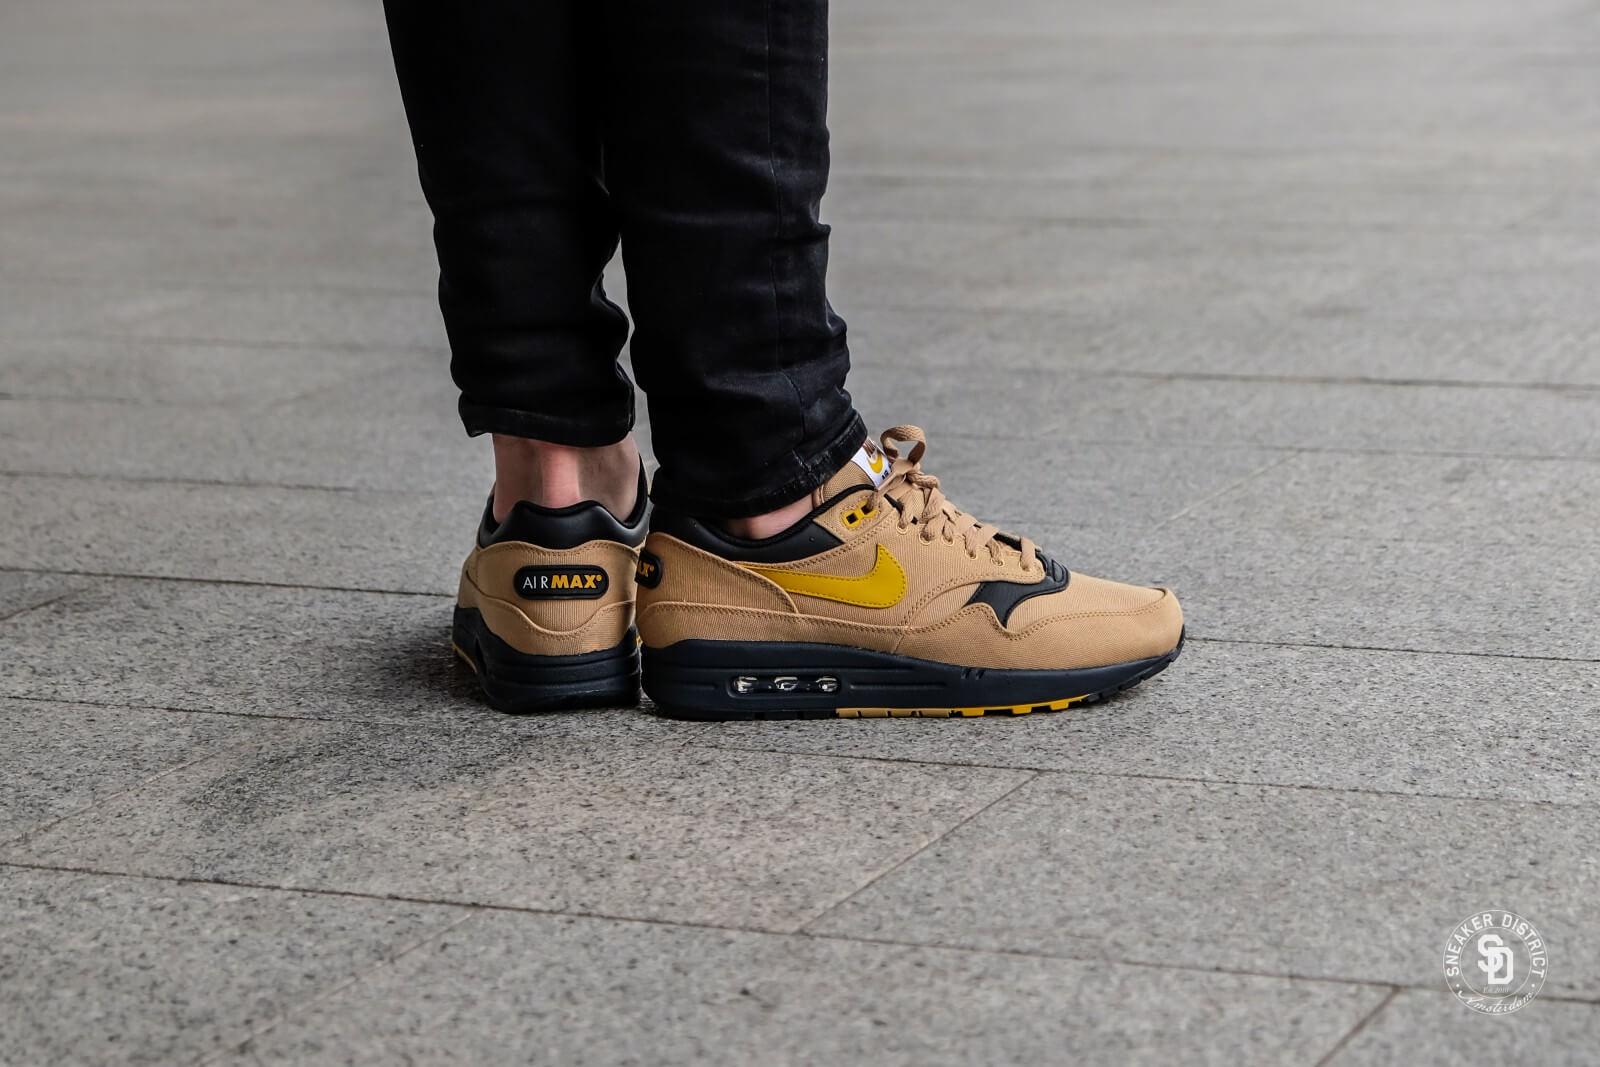 Nike Air Max 1 Premium Elemental GoldMineral Yellow 875844 700